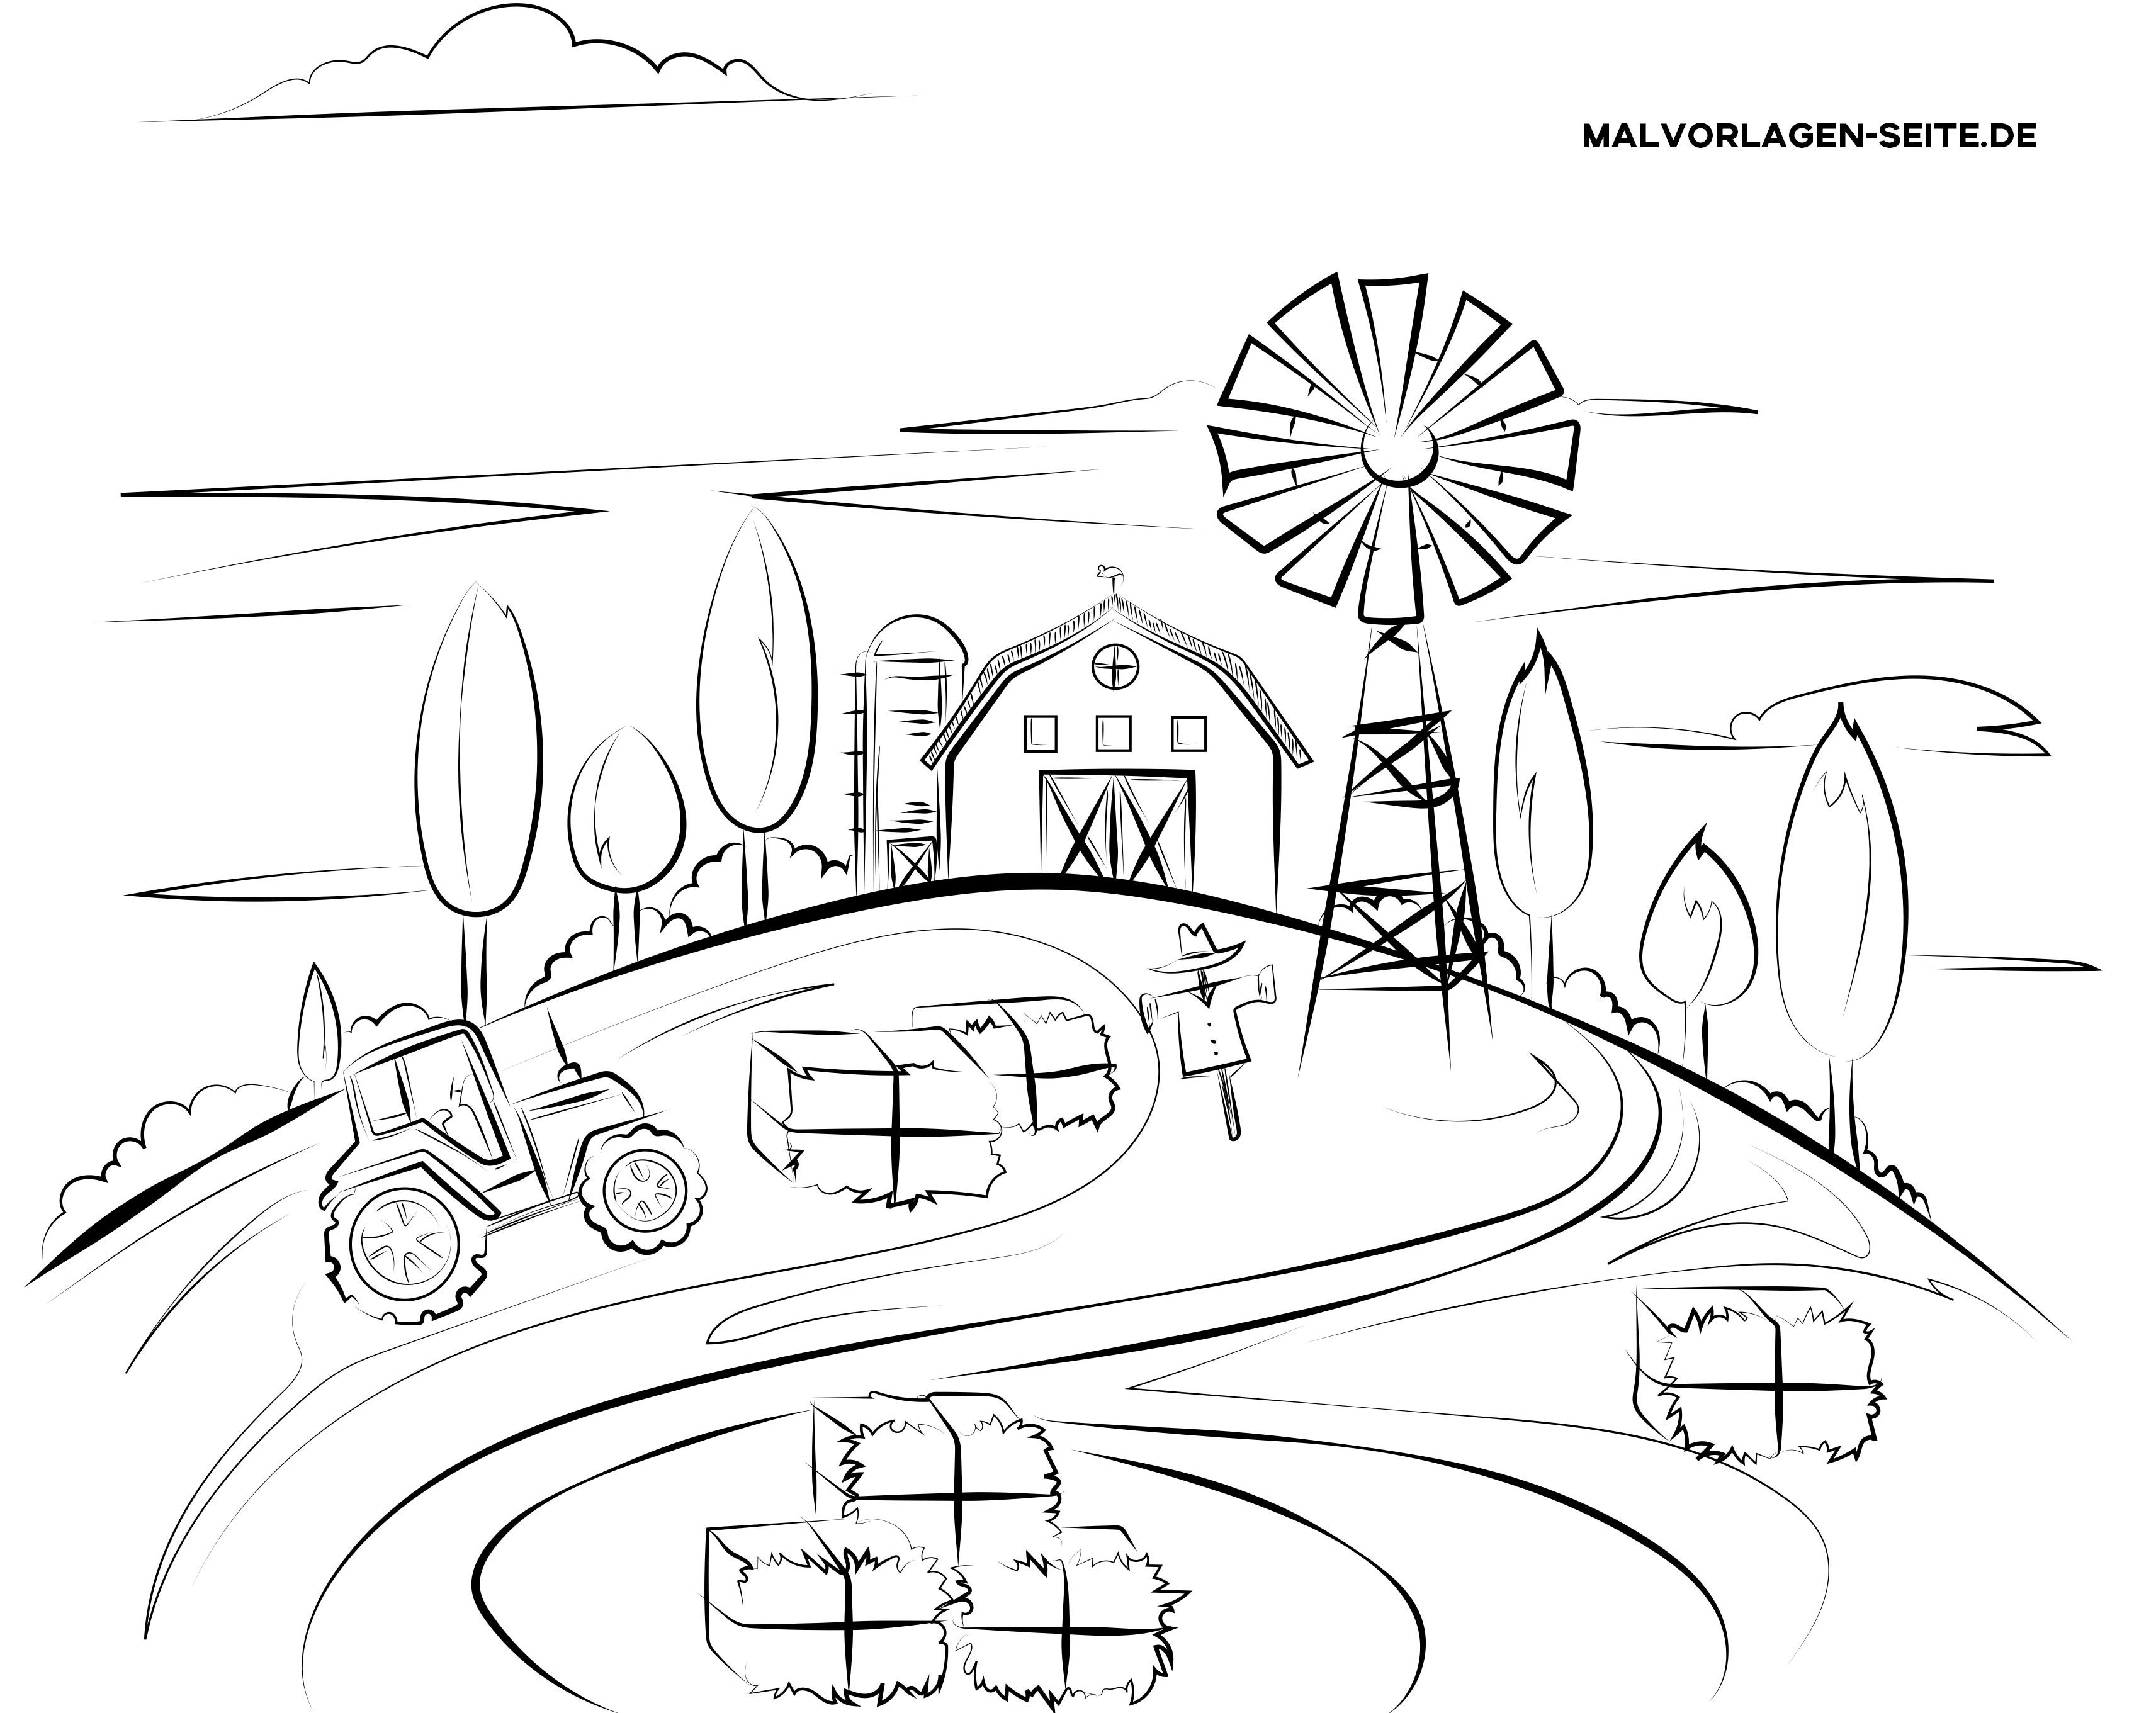 শিশুদের জন্য ছবি অনুসন্ধান করুন - খামার মাউস অনুসন্ধান করুন